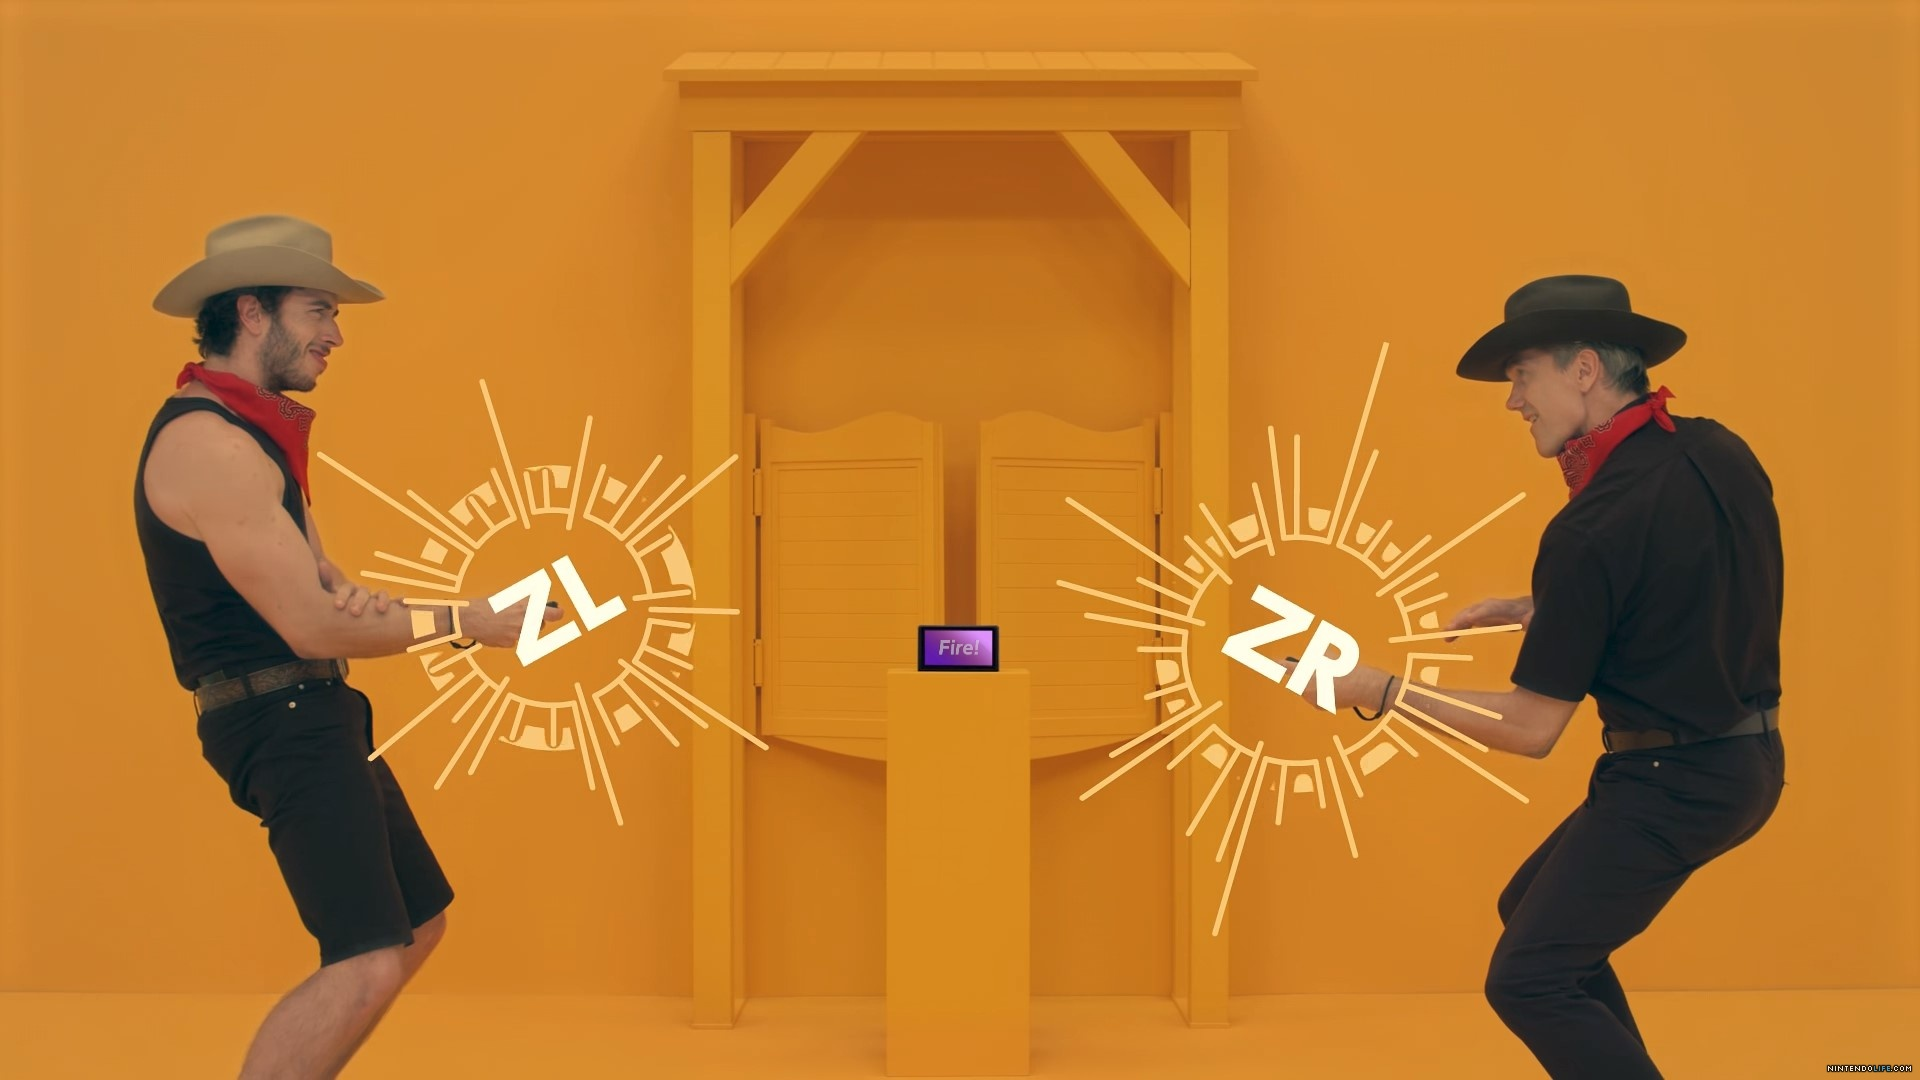 1-2-Switch - jednou, dvakrát, ale někdy i podesáté! 139791